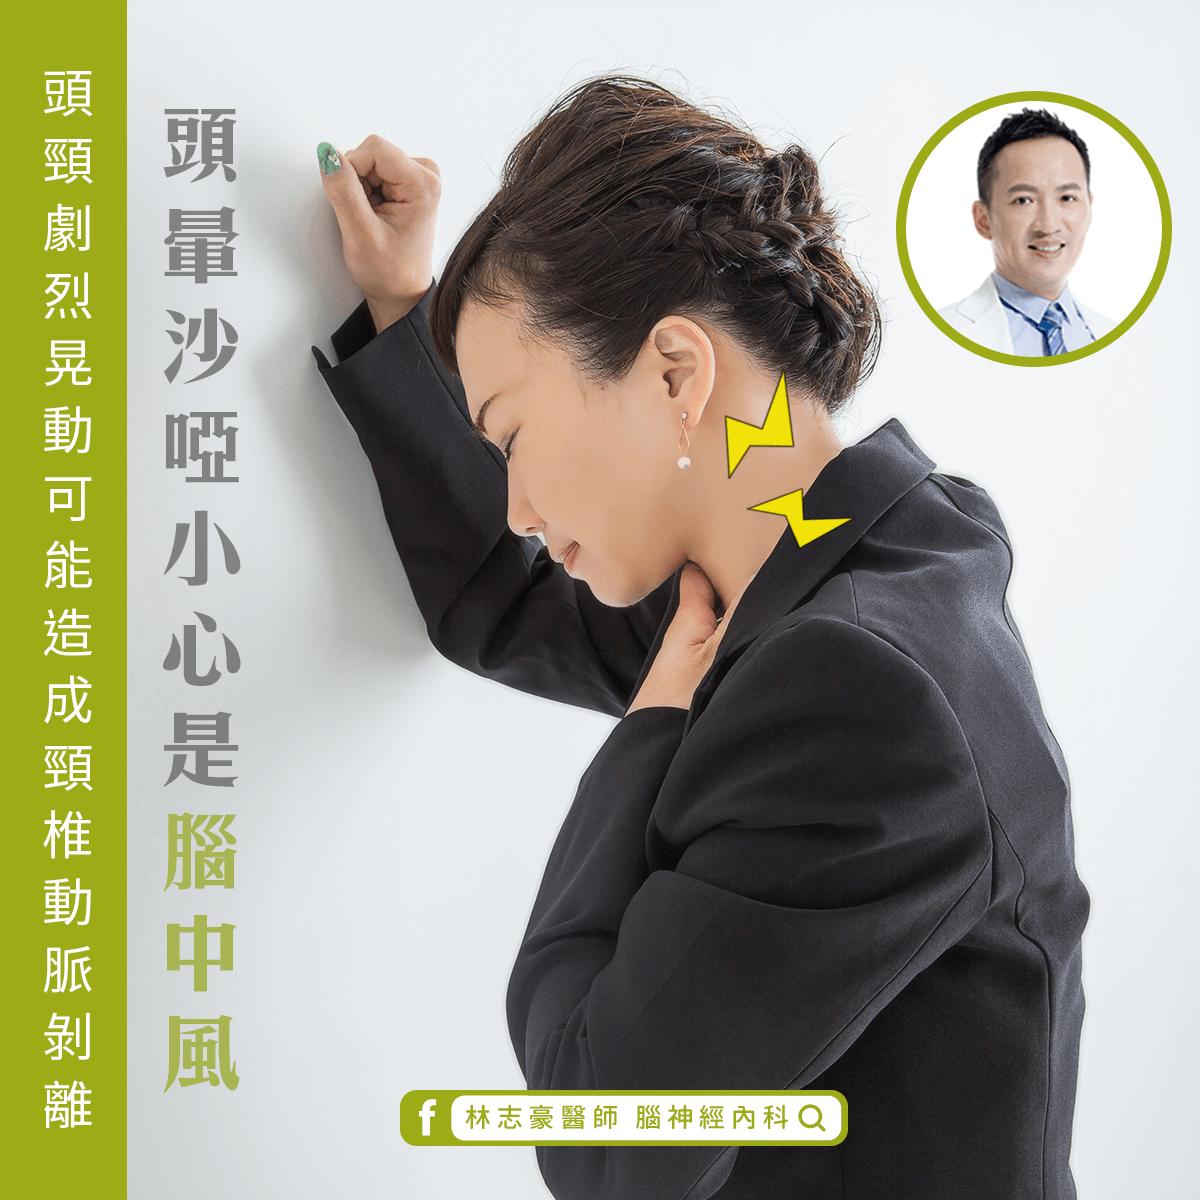 【從病歷聊知識】聲音沙啞不是感冒,竟然是中風!